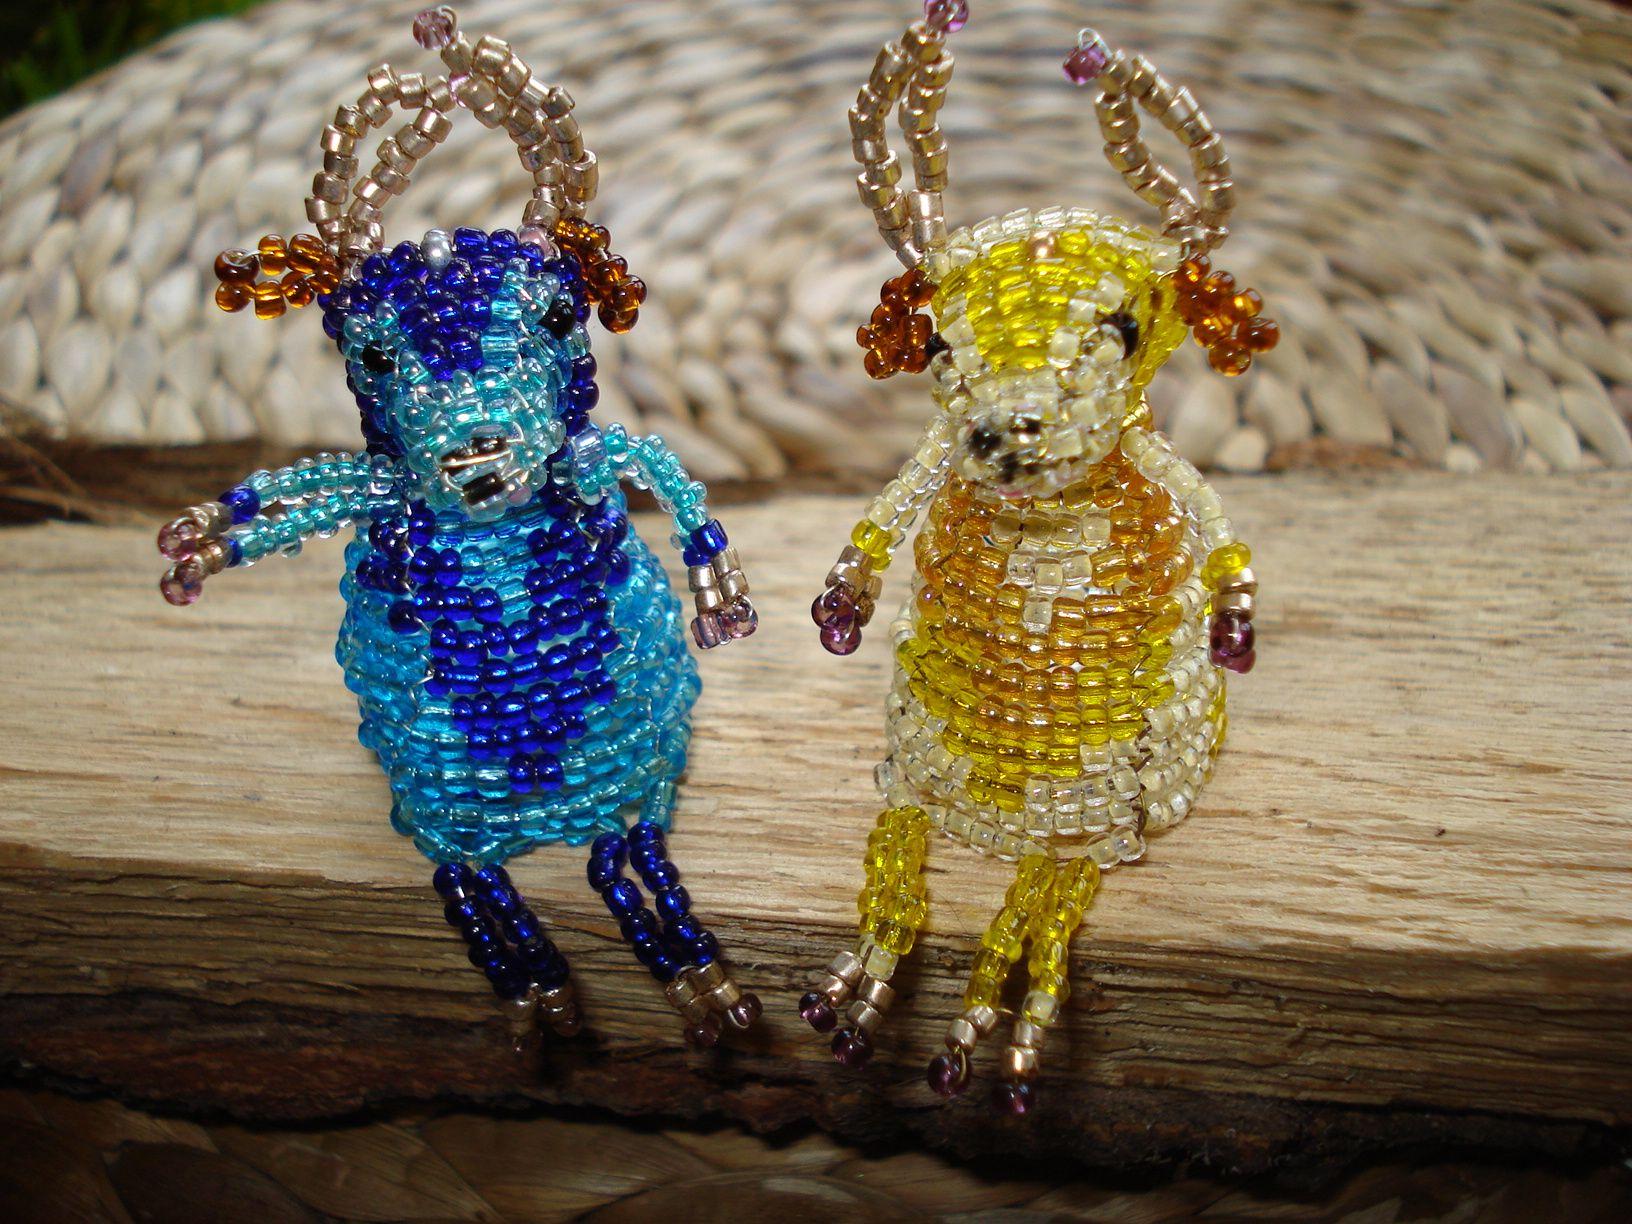 http://img1.etsystatic.com/035/0/7654300/il_570xN.535605989_o70t.jpg The two little cow. Két bors ökröcske. Gyöngyfűzés.